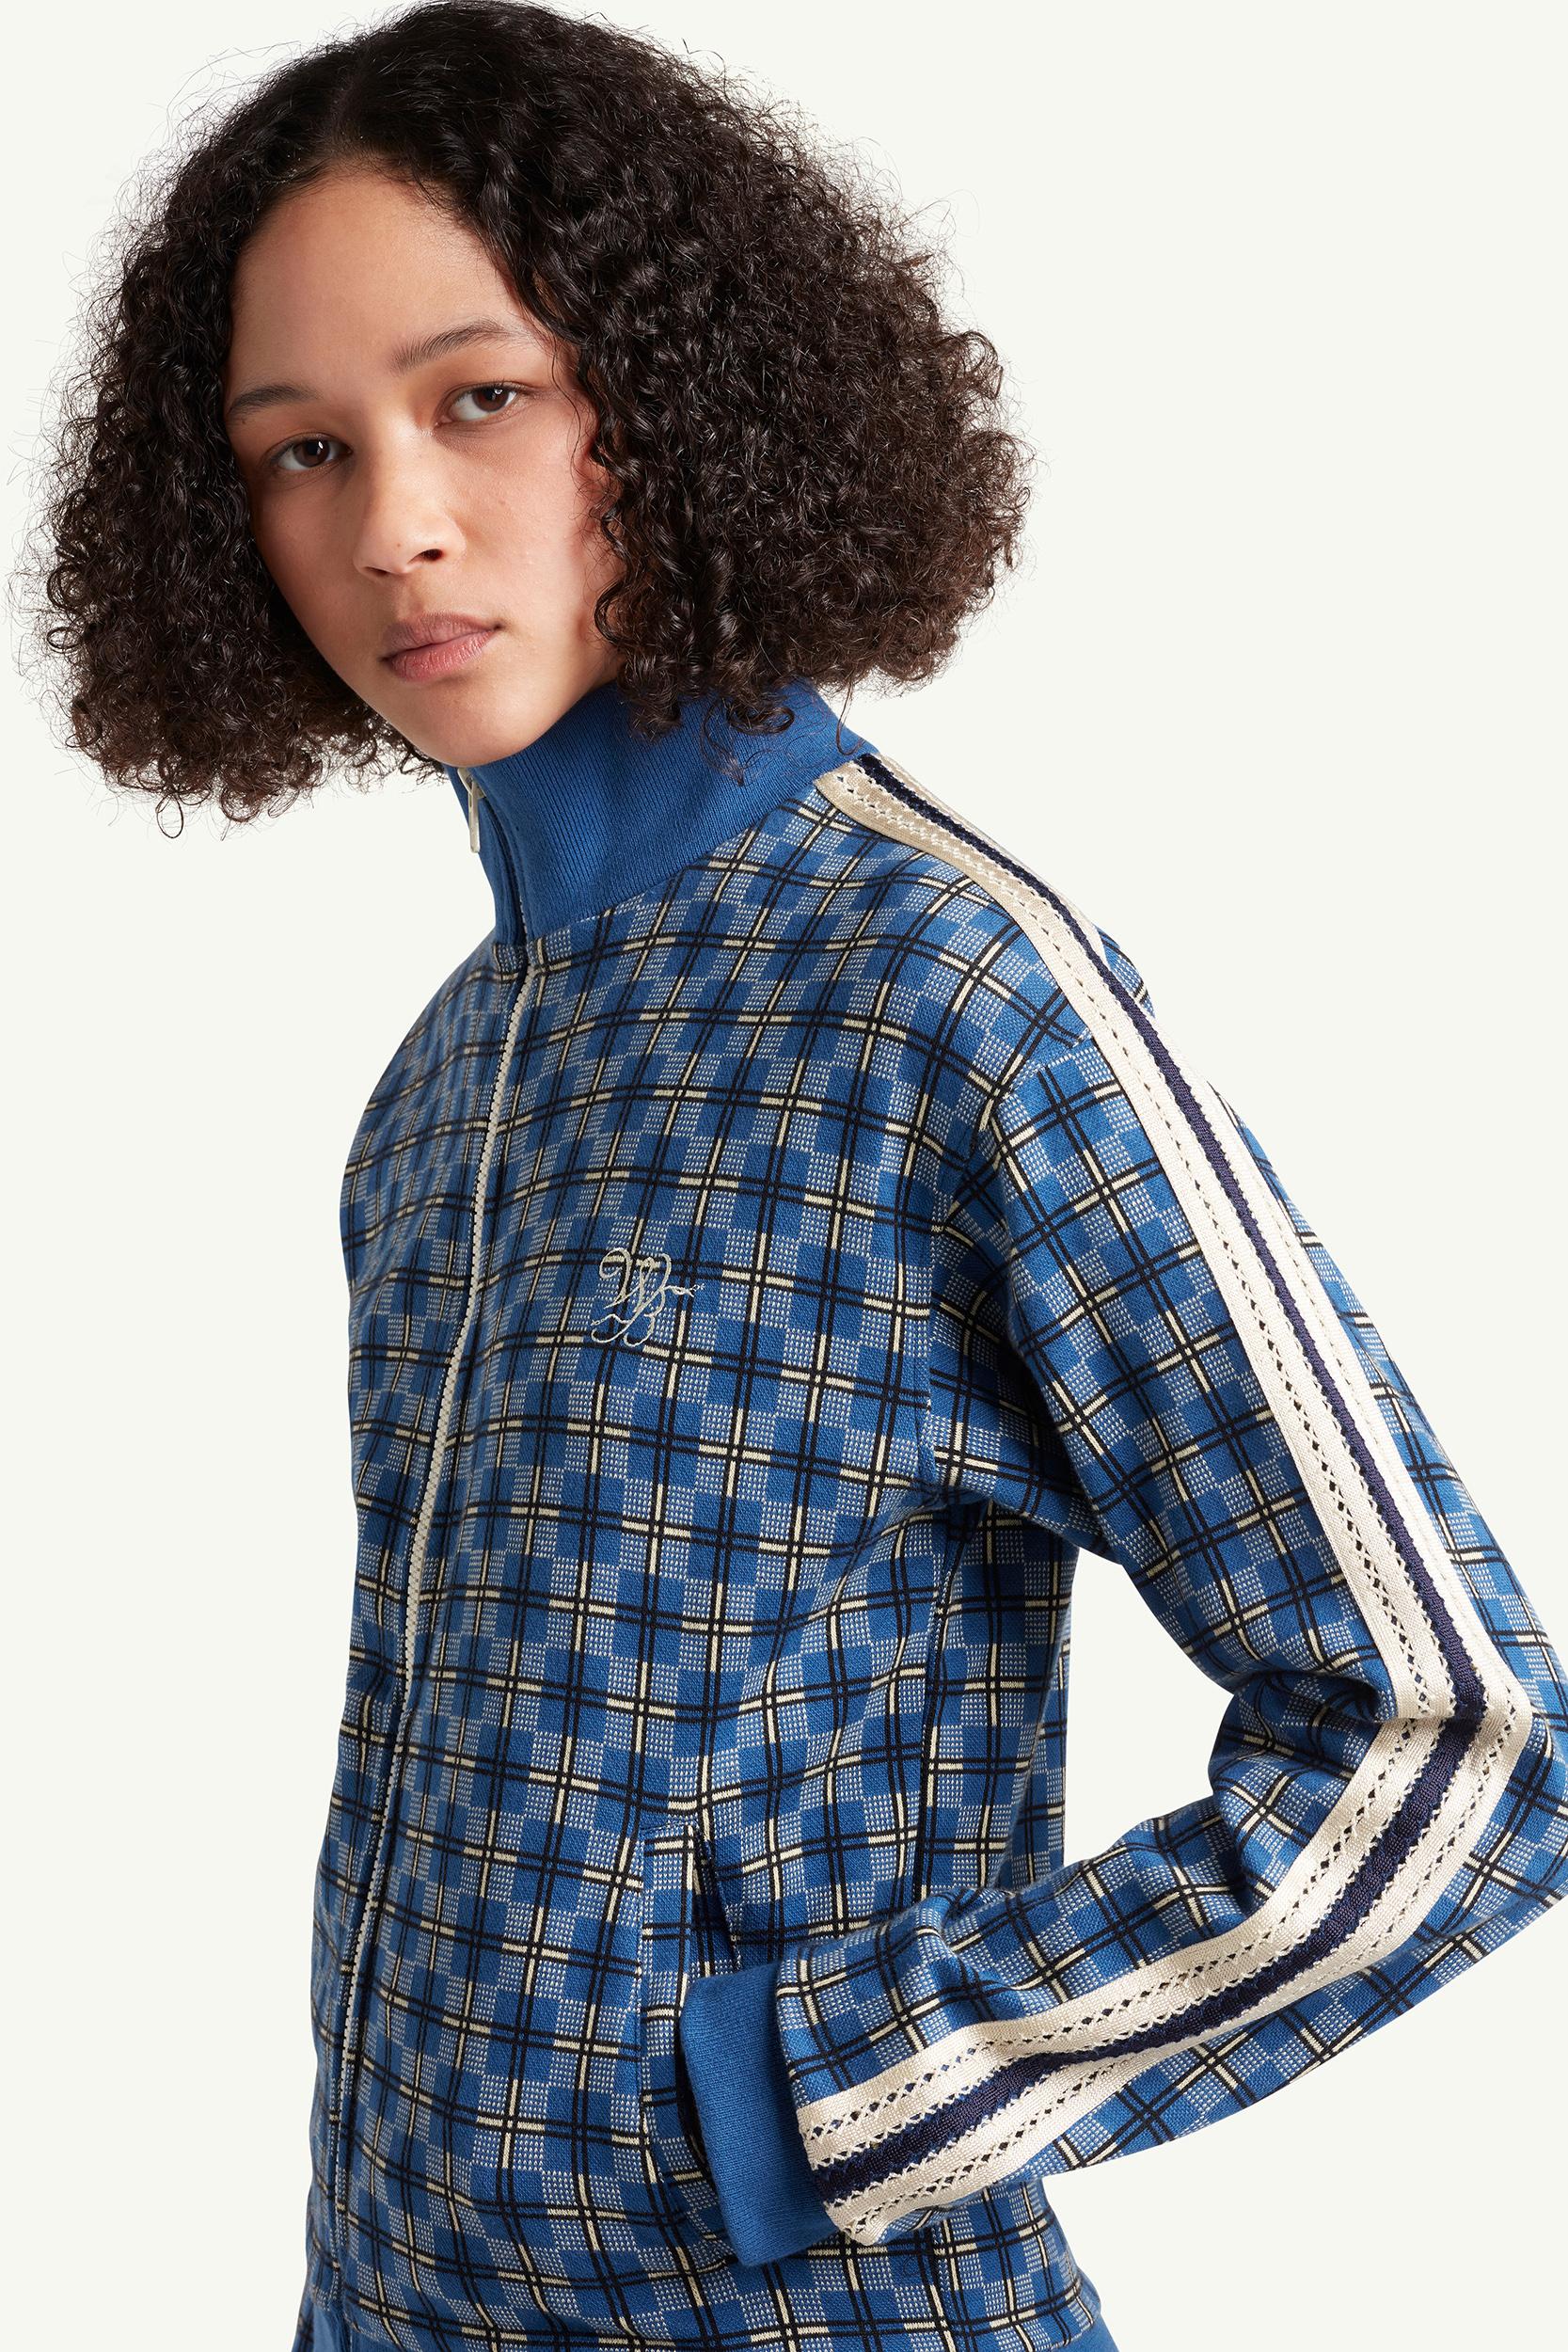 Womenswear model wearing blue pattern track top by Wales Bonner